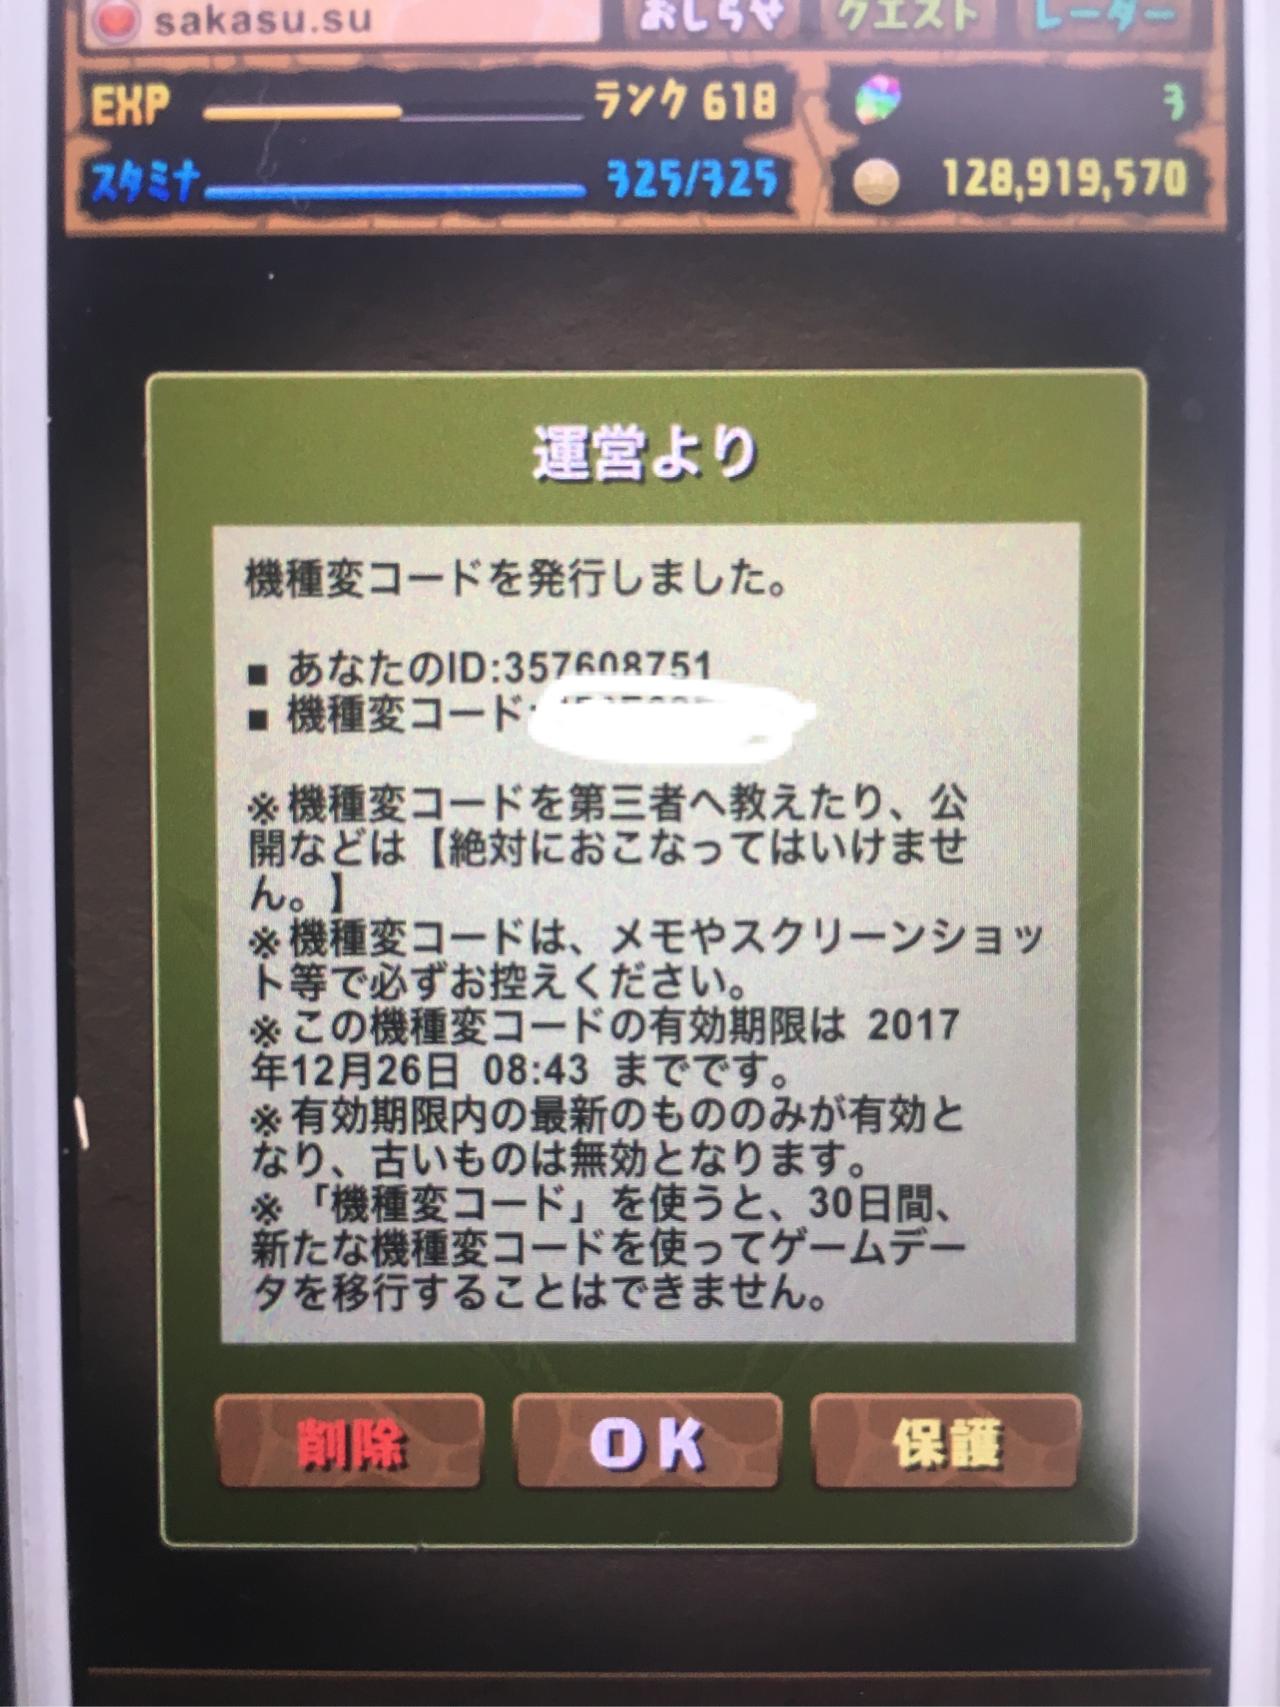 f:id:sakasun:20171212130144p:image